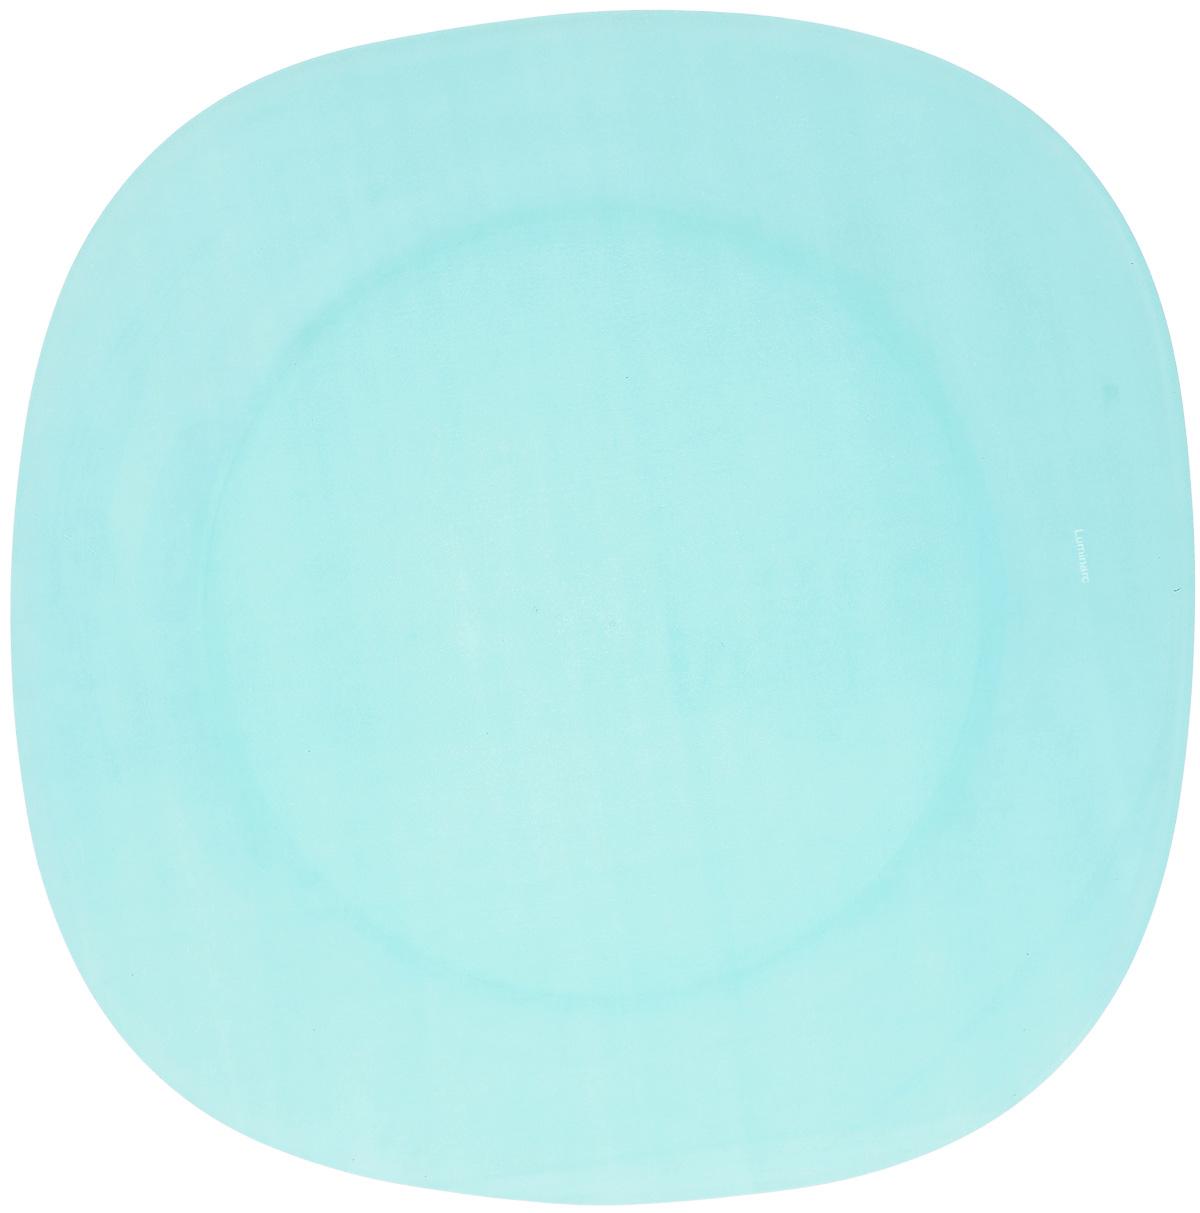 Тарелка обеденная Luminarc Colorama Blue, 25,5 х 25,5 смH2395Обеденная тарелка Luminarc Colorama Blue, изготовленная из высококачественного стекла, имеет изысканный внешний вид. Яркий дизайн придется по вкусу и ценителям классики, и тем, кто предпочитает утонченность. Тарелка Luminarc Colorama Blue идеально подойдет для сервировки вторых блюд из птицы, рыбы, мяса или овощей, а также станет отличным подарком к любому празднику.Размер тарелки (по верхнему краю): 25,5 х 25,5 см.